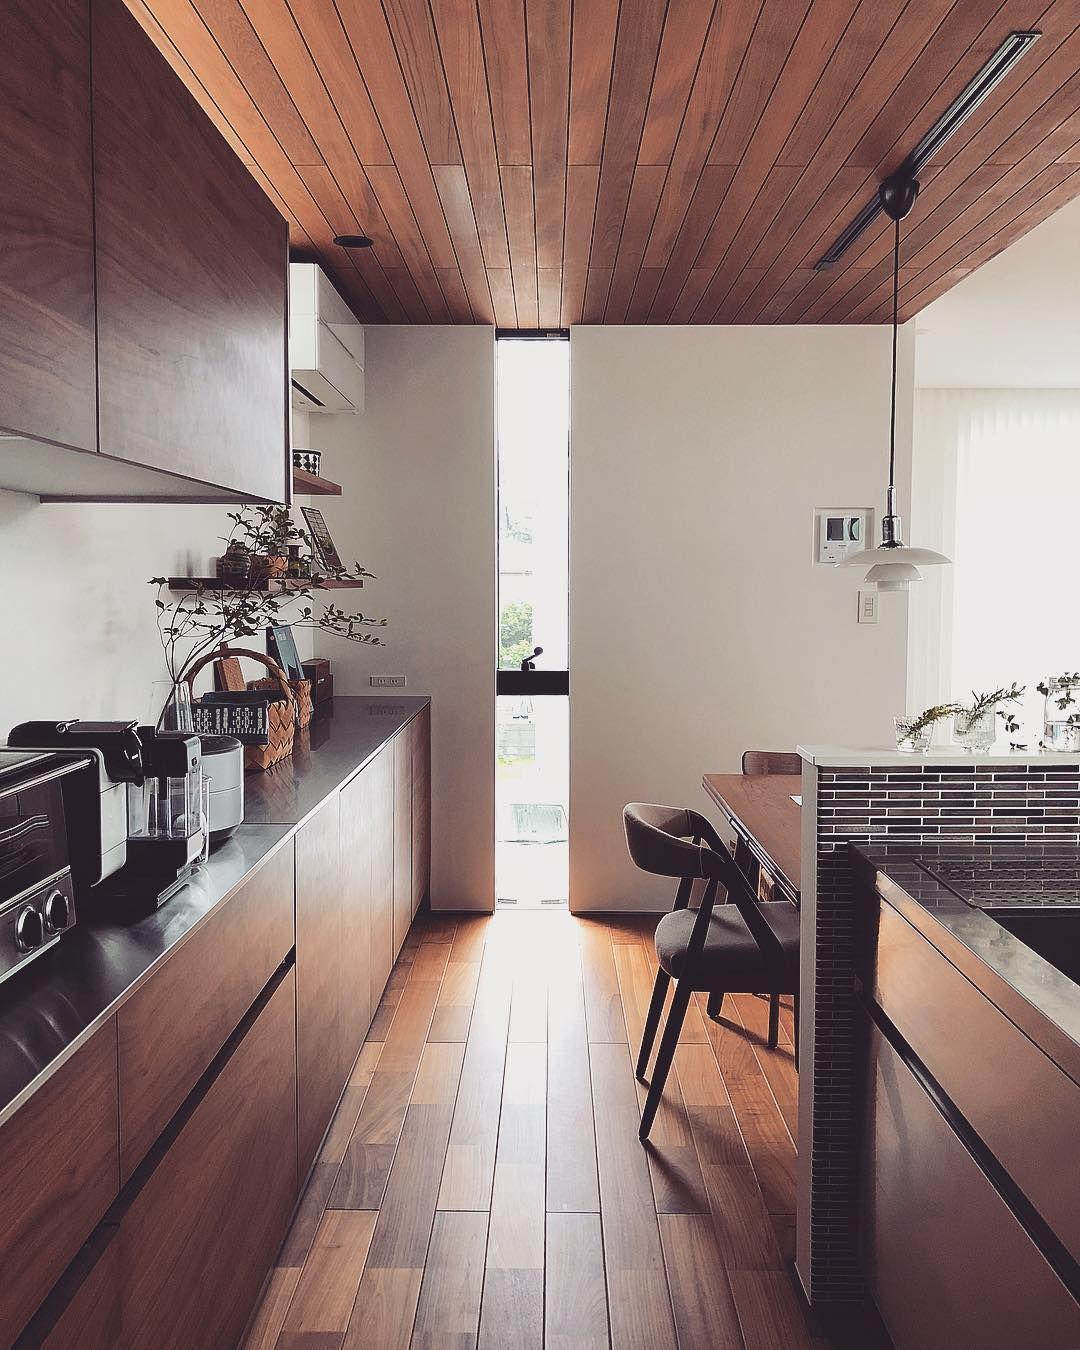 Omamiさんはinstagramを利用しています キッチン左手 木張り天井とフローリングの目地が向かう先は天井一杯の高さがあるスリット窓 半分fix半分 Interior Design Kitchen Contemporary Interior Design Kitchen House Interior